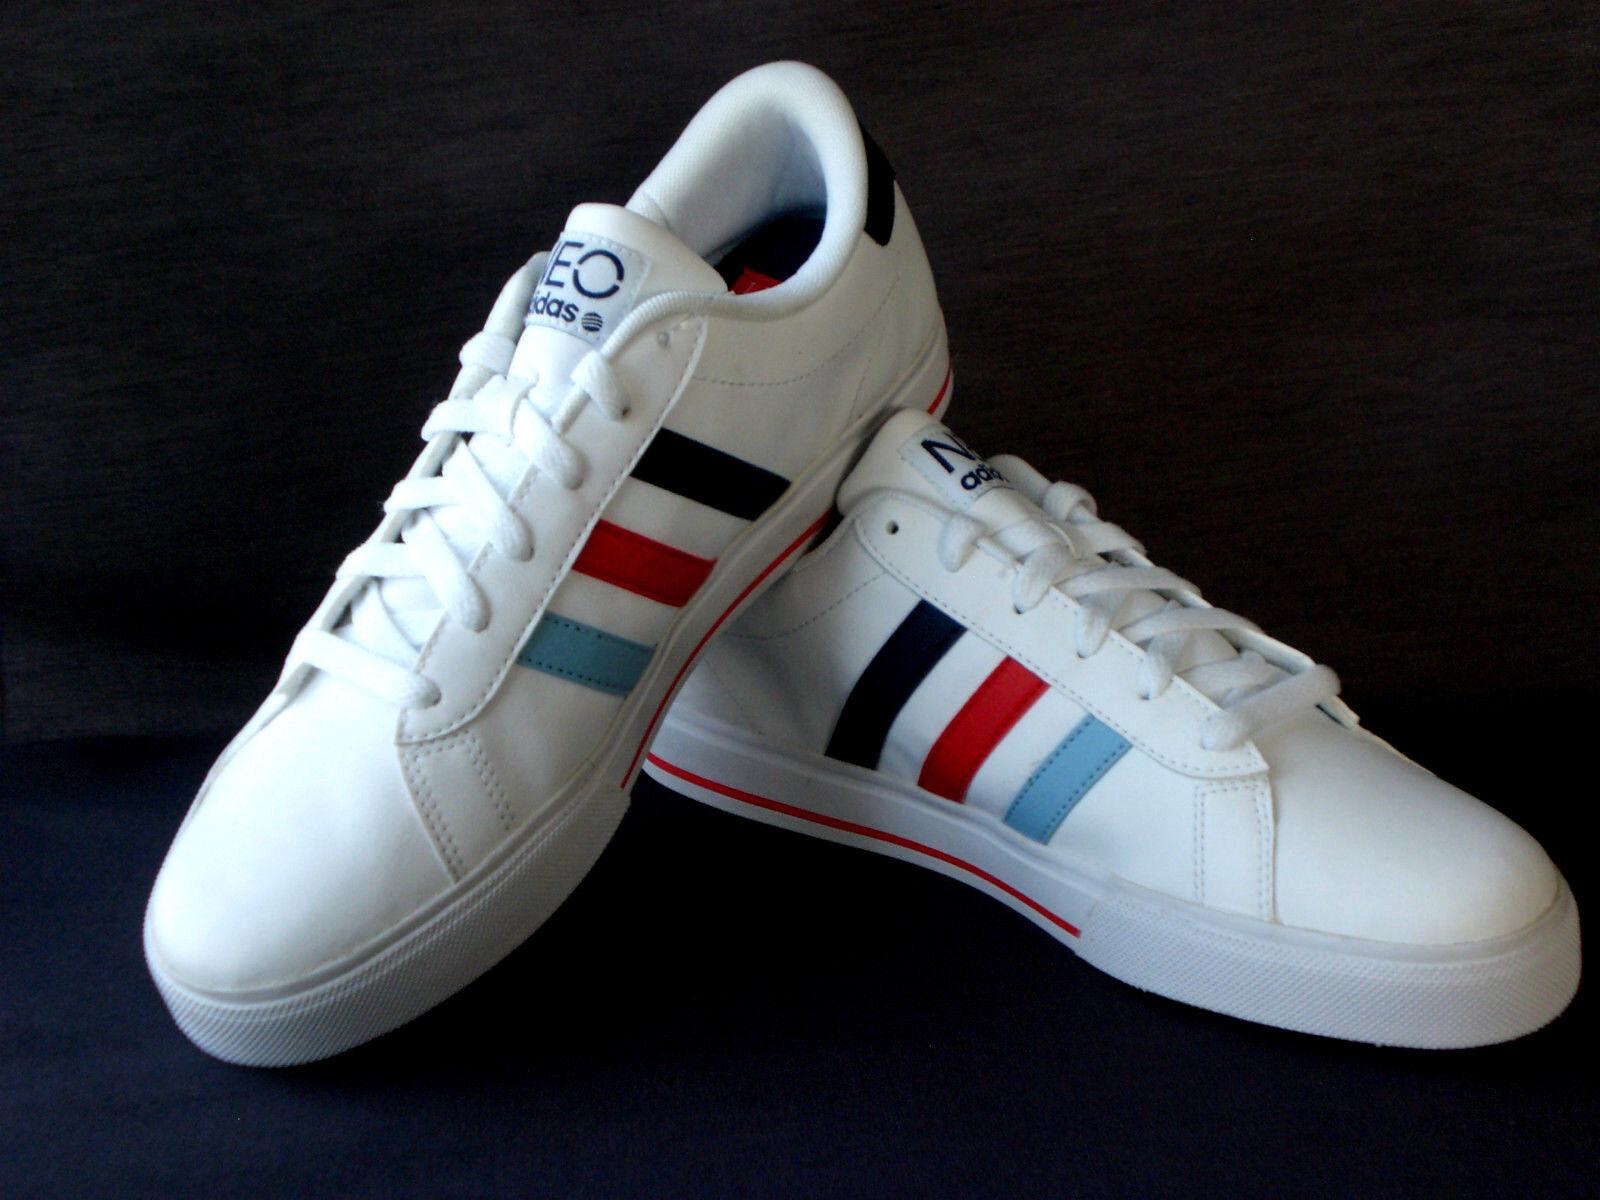 Adidas SE Daily vulc F38971 Unisex Unisex Unisex Lauf- Turnschuhe Weiß Gr 41 1 3 Neu  | Auf Verkauf  cff473